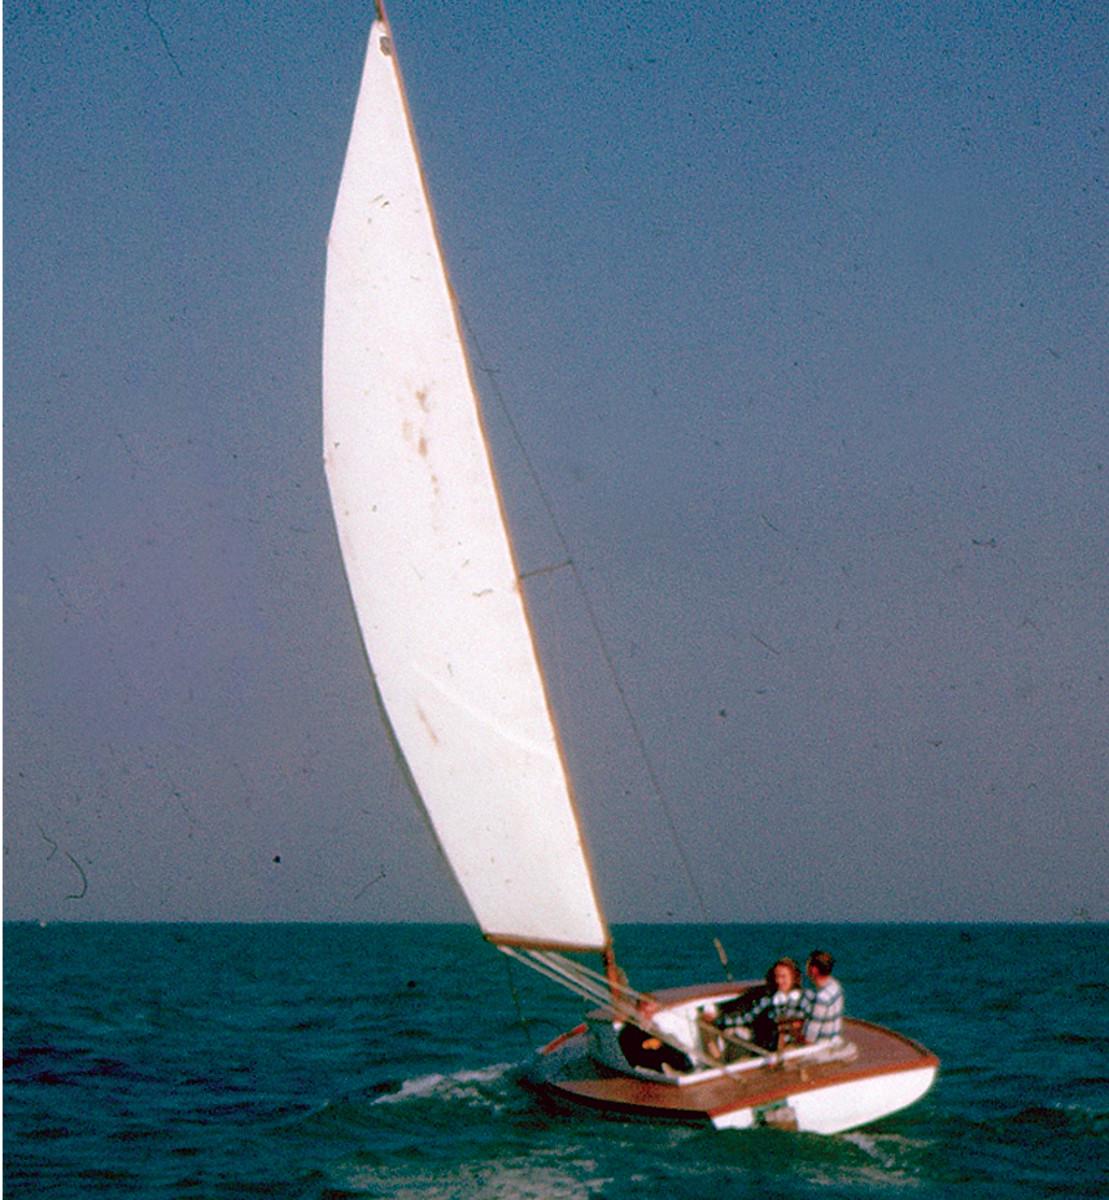 Owl under full sail on the Salt River